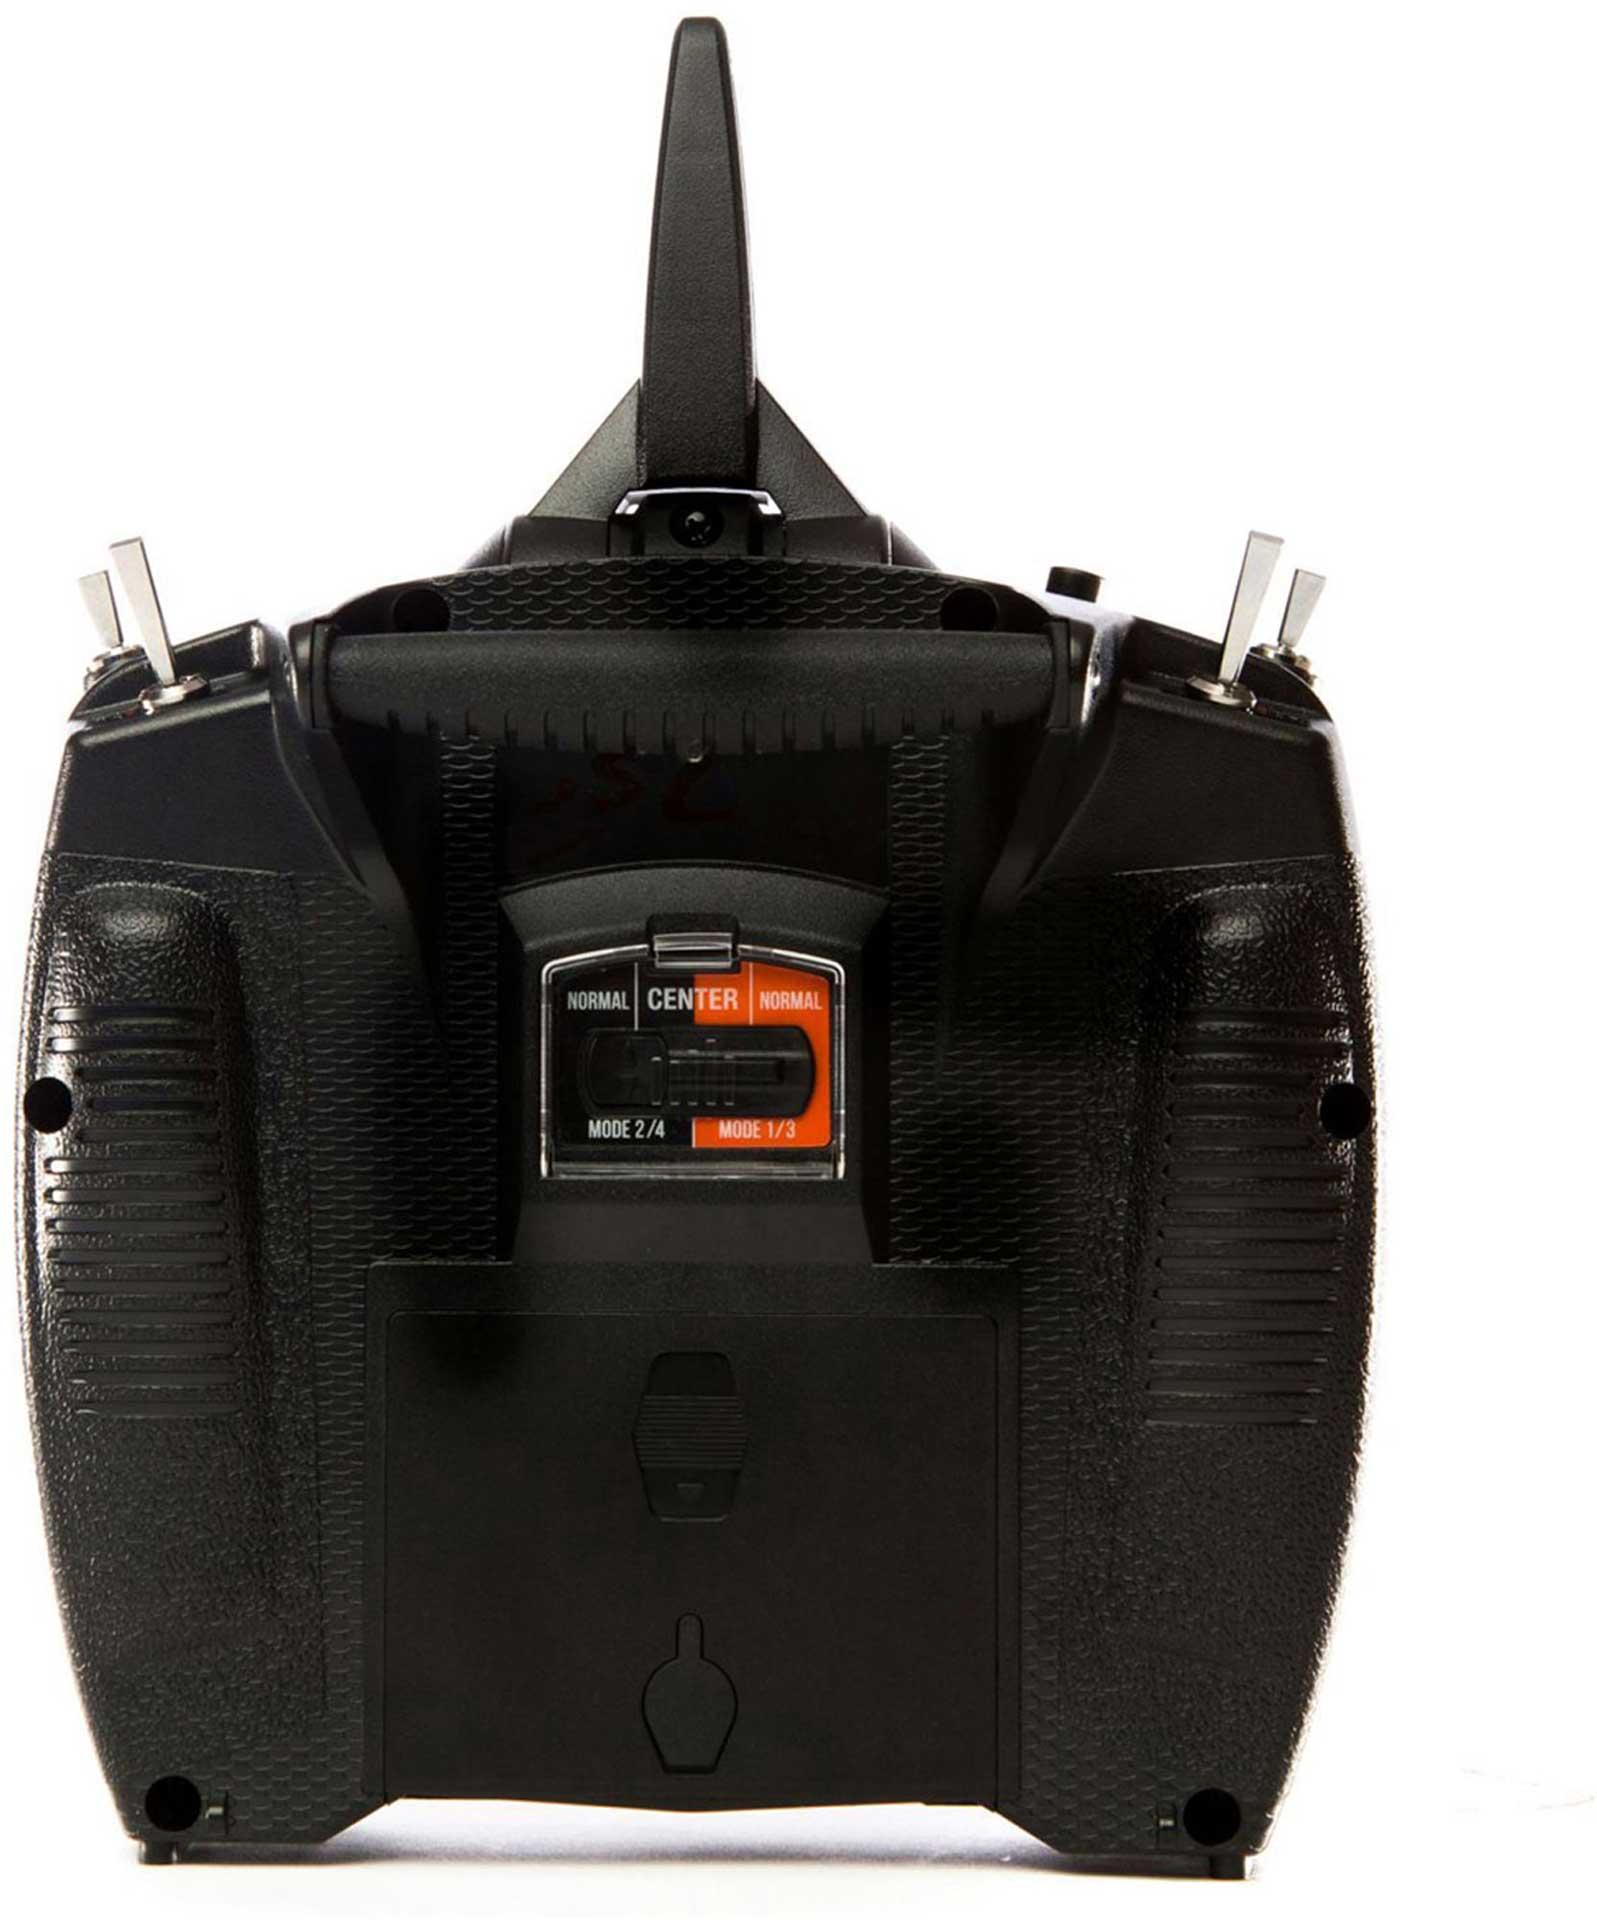 SPEKTRUM DX8E 8 CHANNEL TRANSMITTER ONLY 2,4Ghz FERNSTEUERUNG